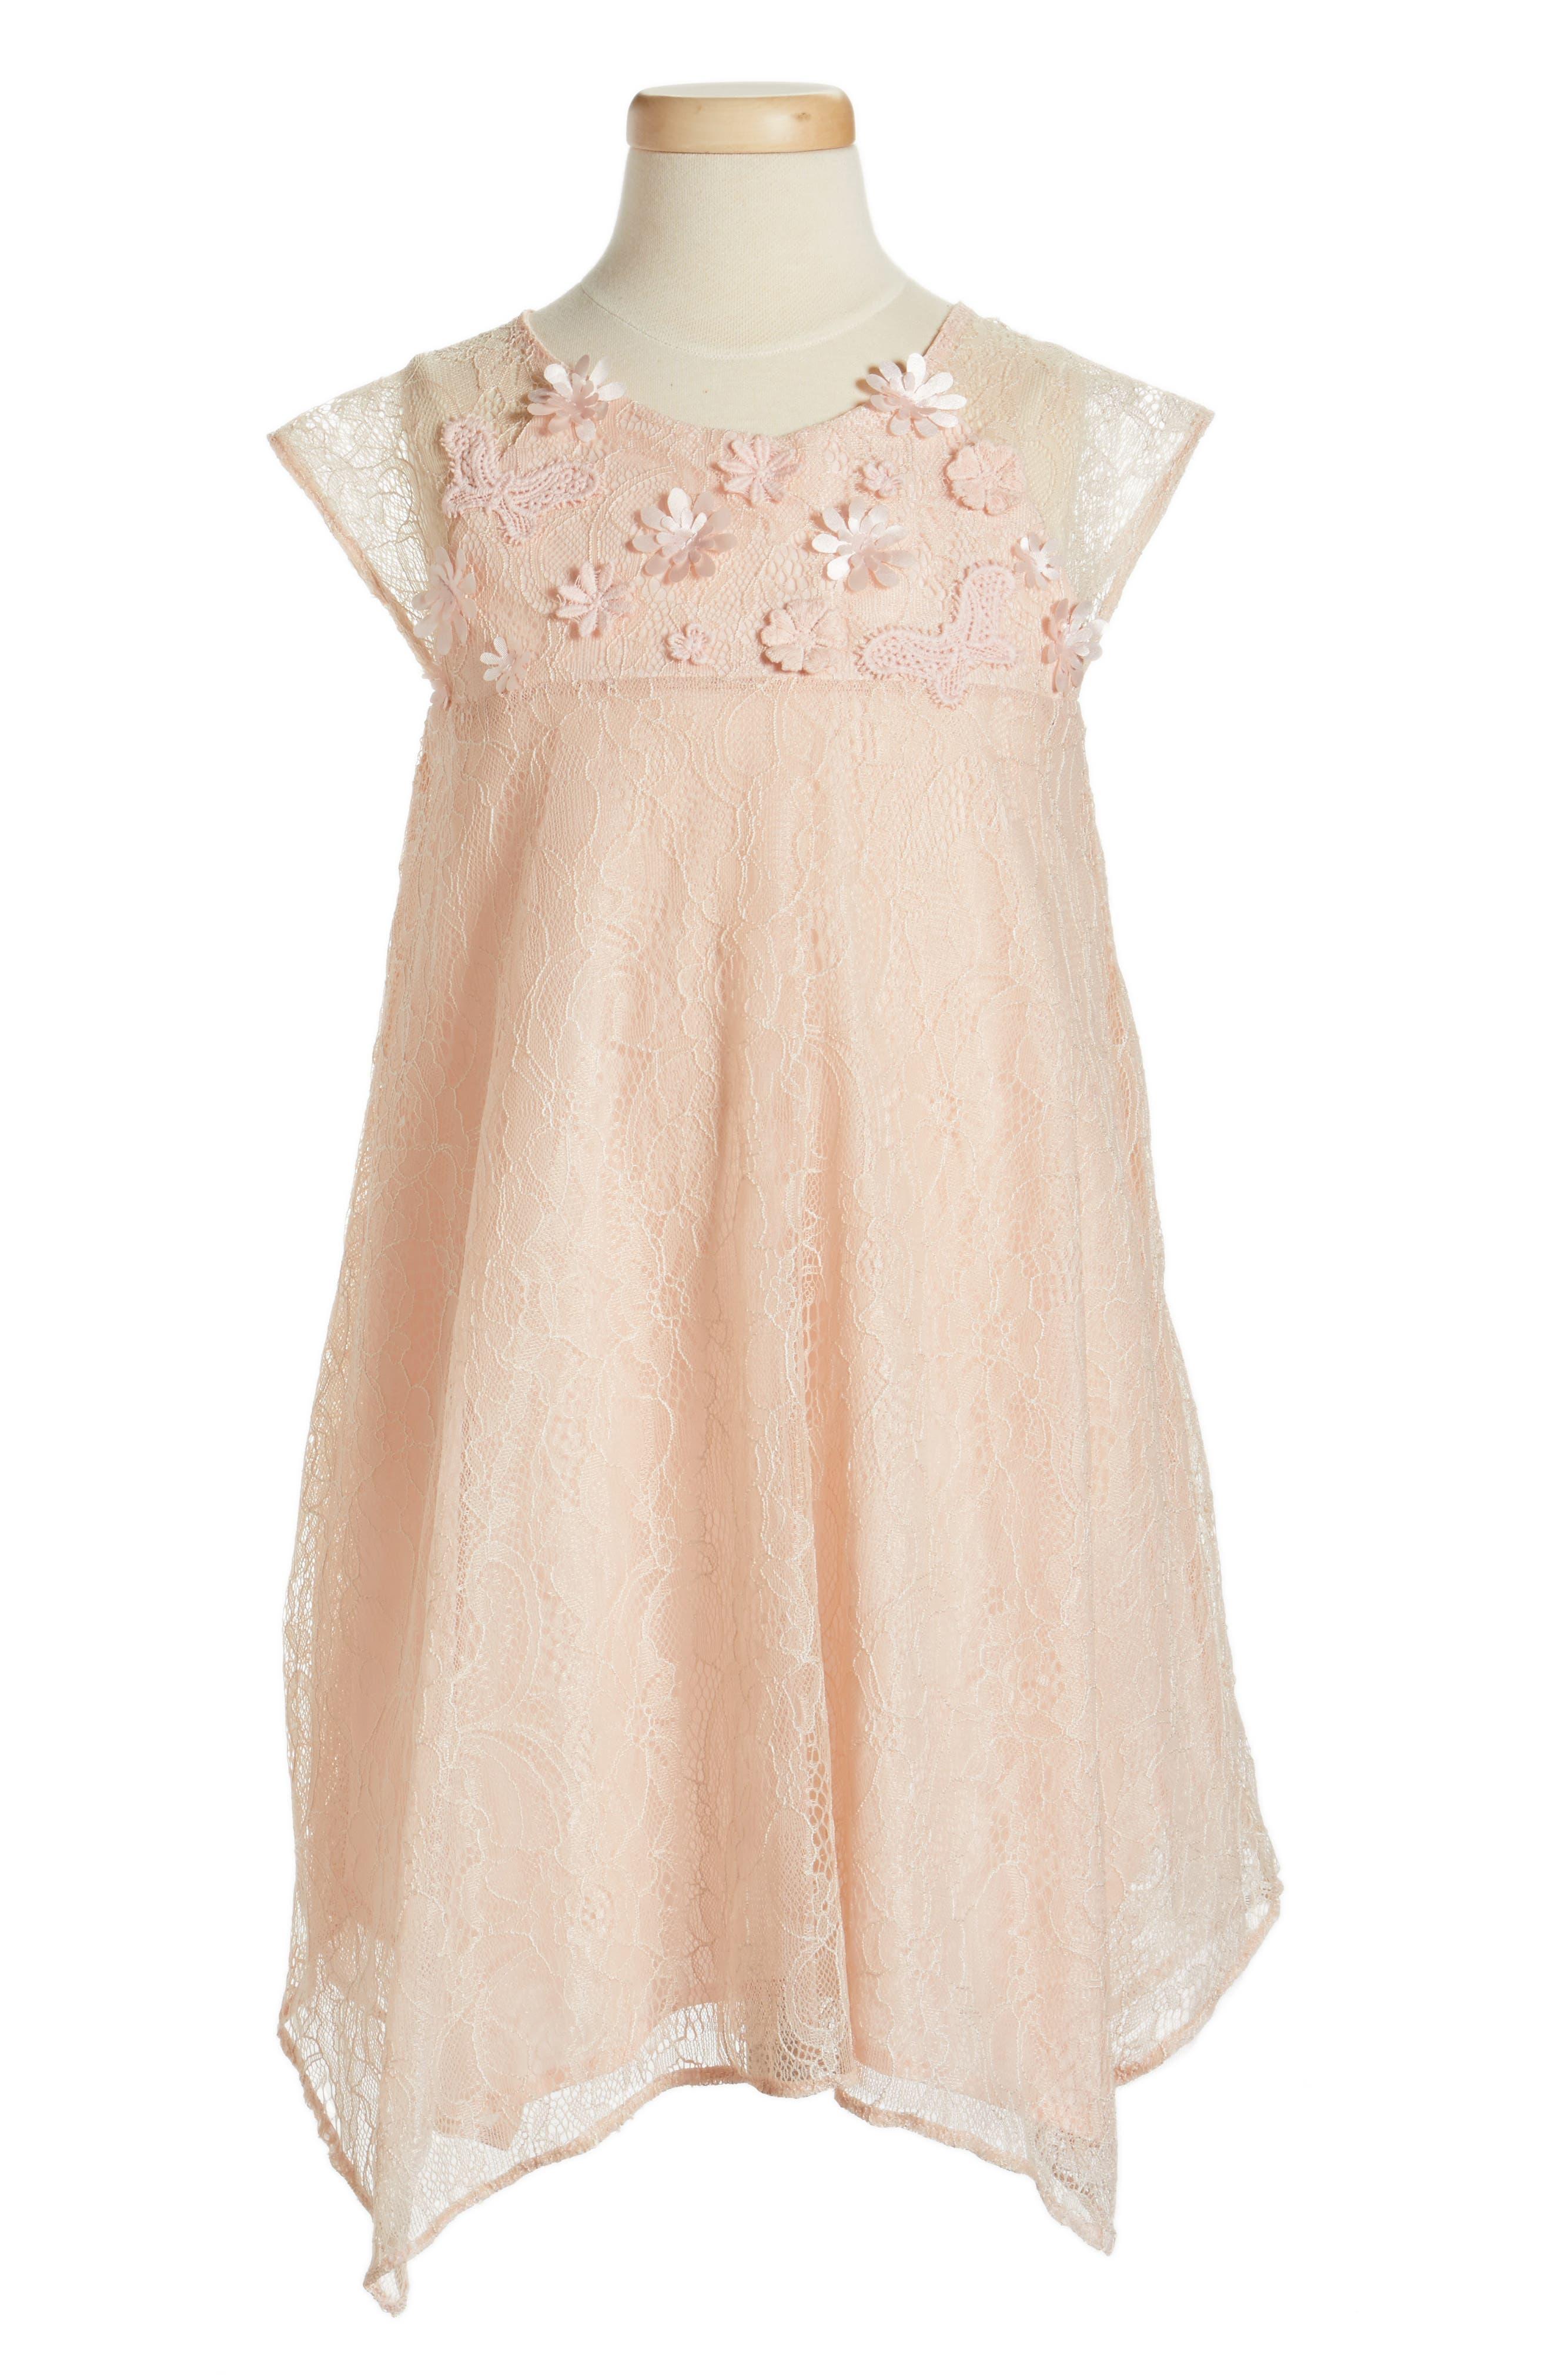 POPATU Lace Shift Dress